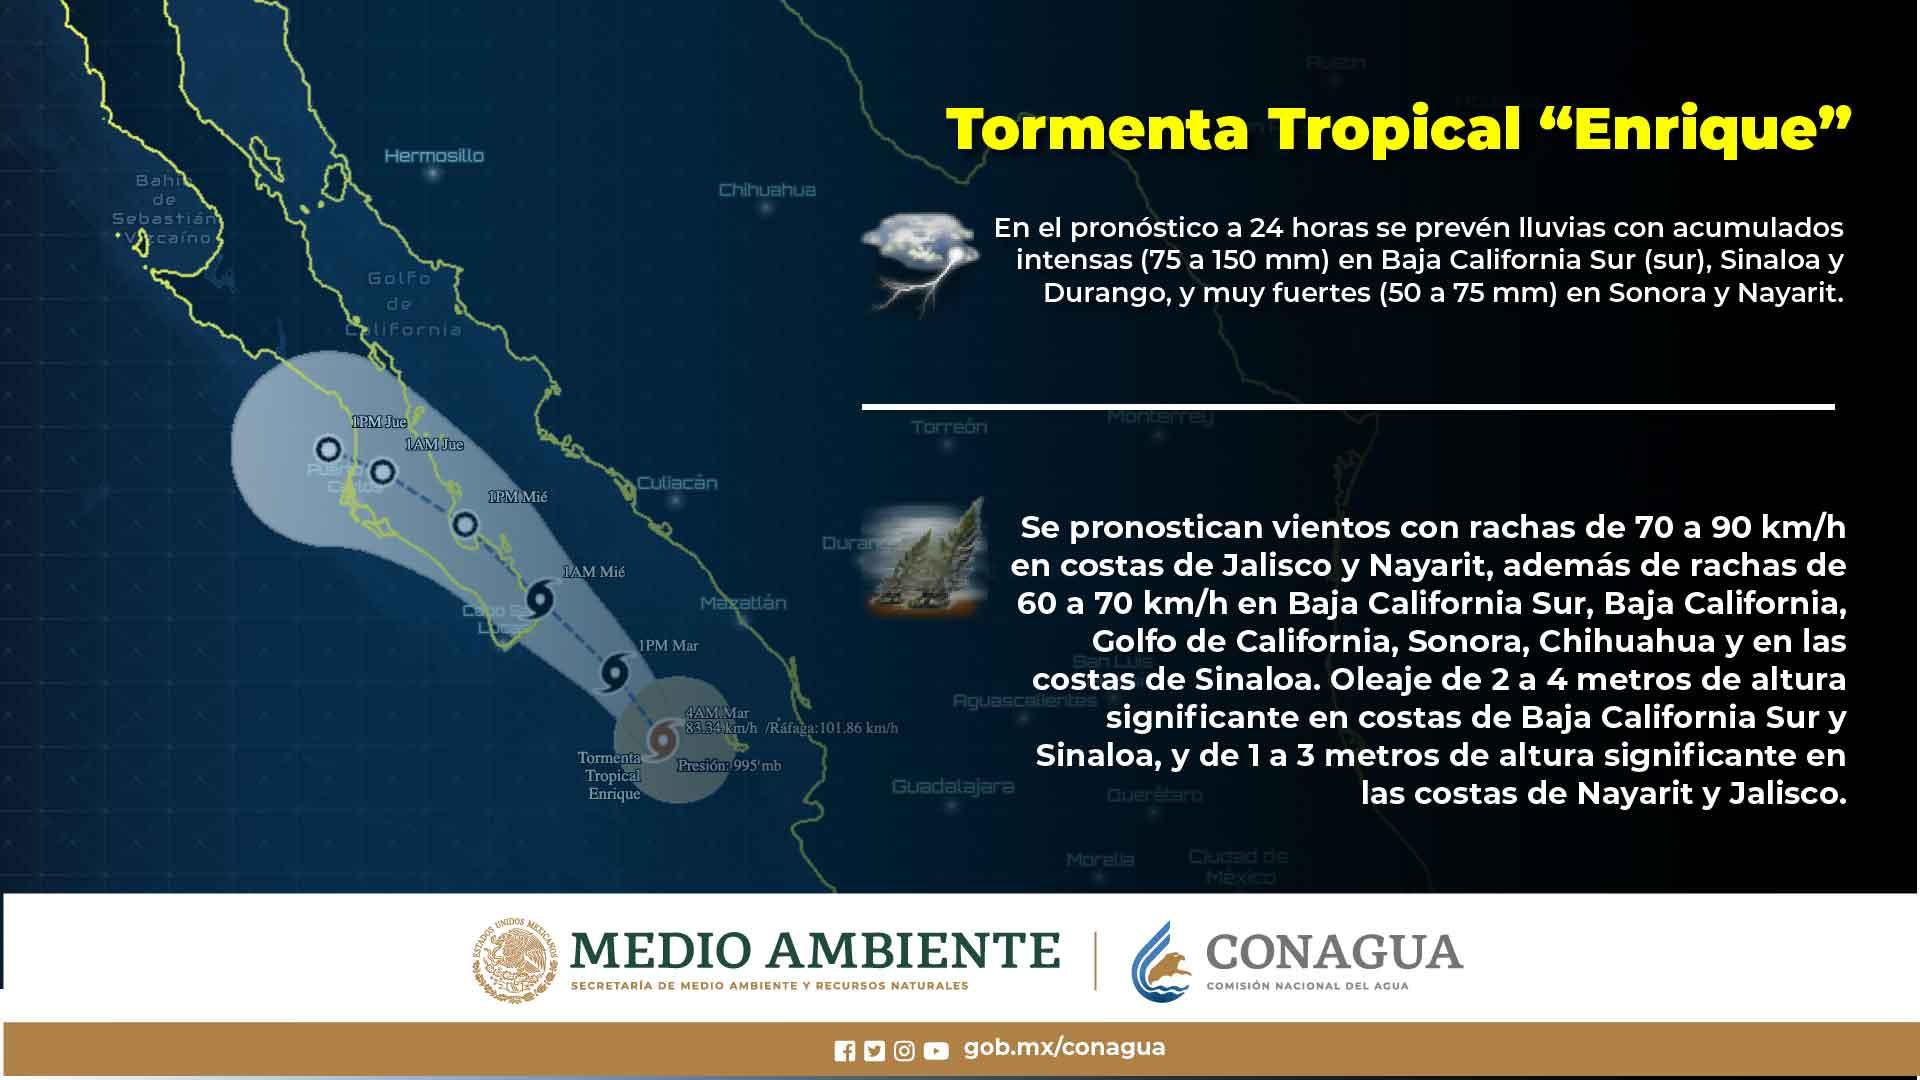 La tormenta tropical Enrique continúa su desplazamiento hacia la Península de Baja California